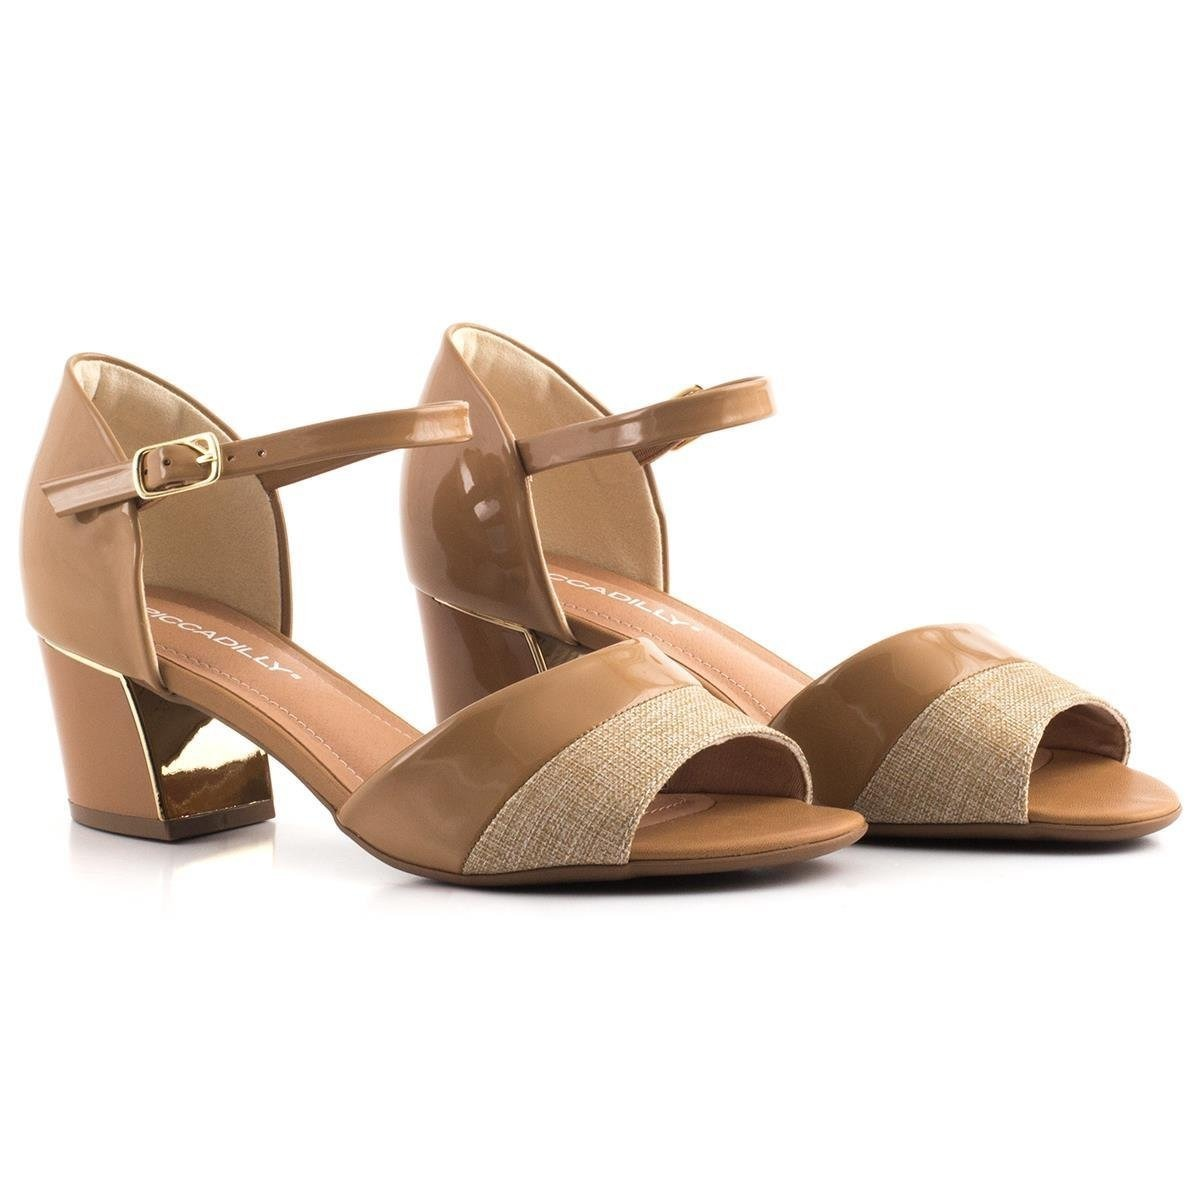 9ec2e1e0a8 sandália de salto piccadilly 542059 bege 100% original. Carregando zoom.